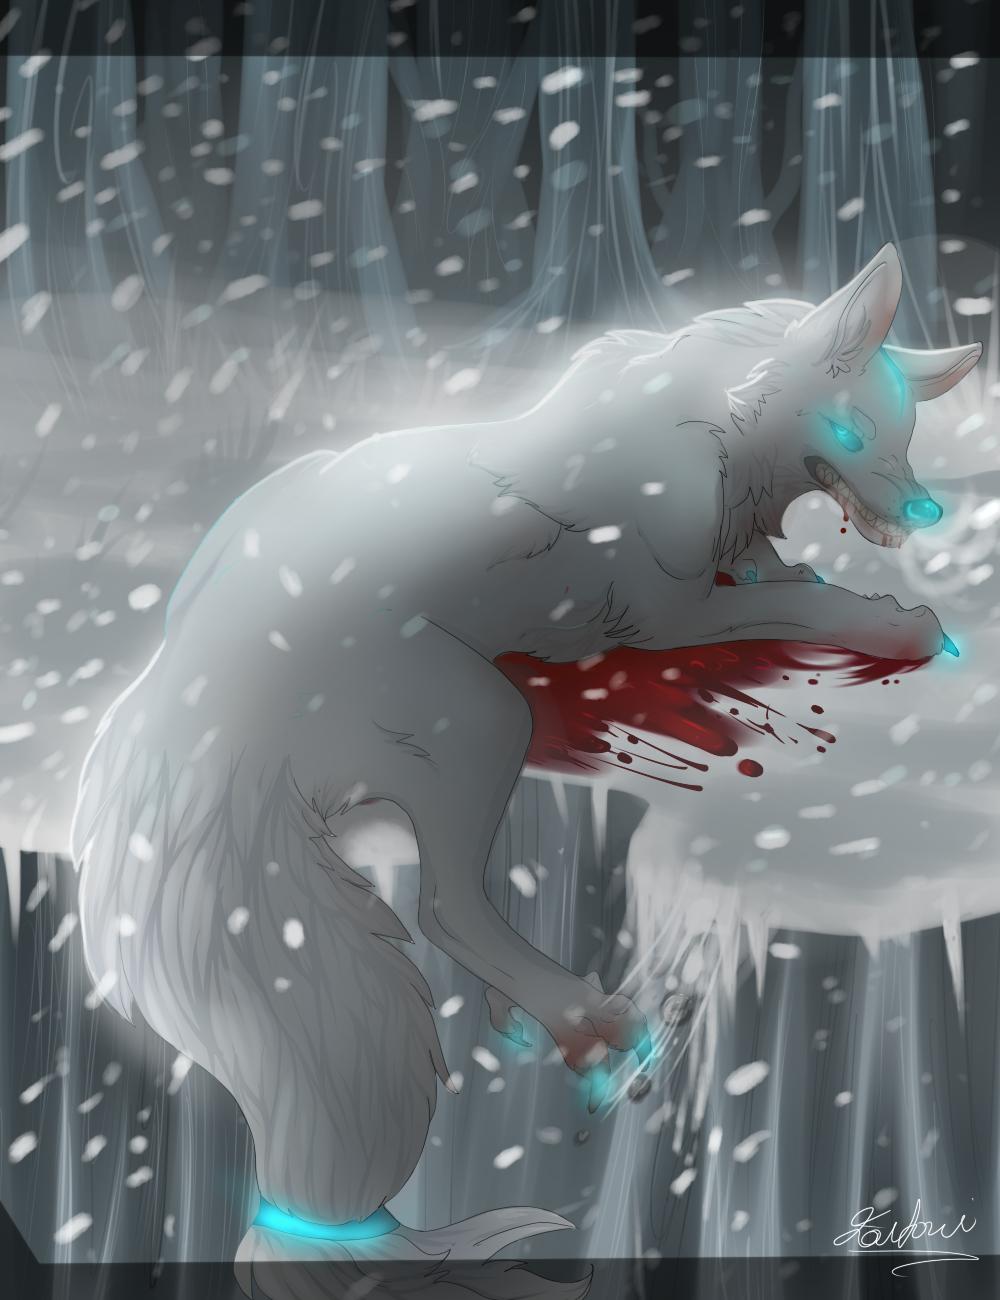 :.MY PAIN IS FROZEN.: by Favetoni